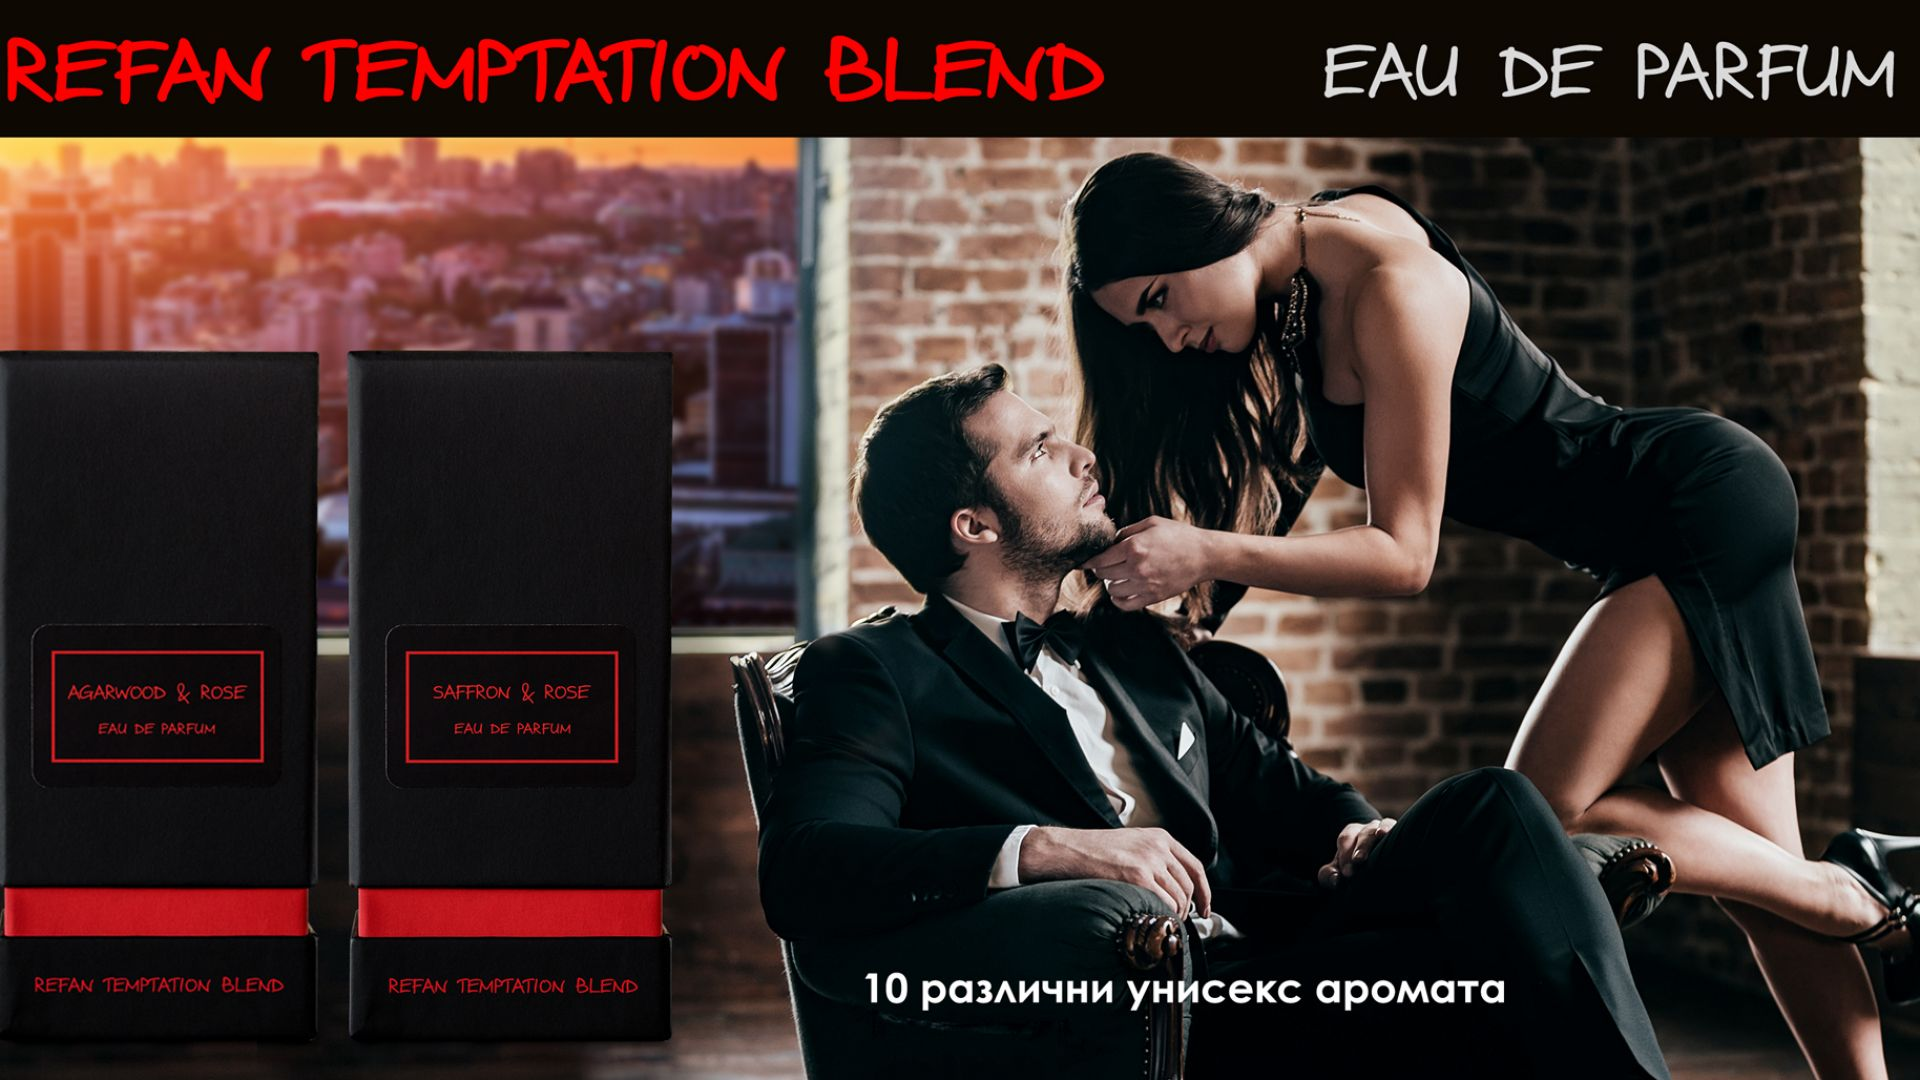 Унисекс ароматите - модерна тенденция в света на парфюмите